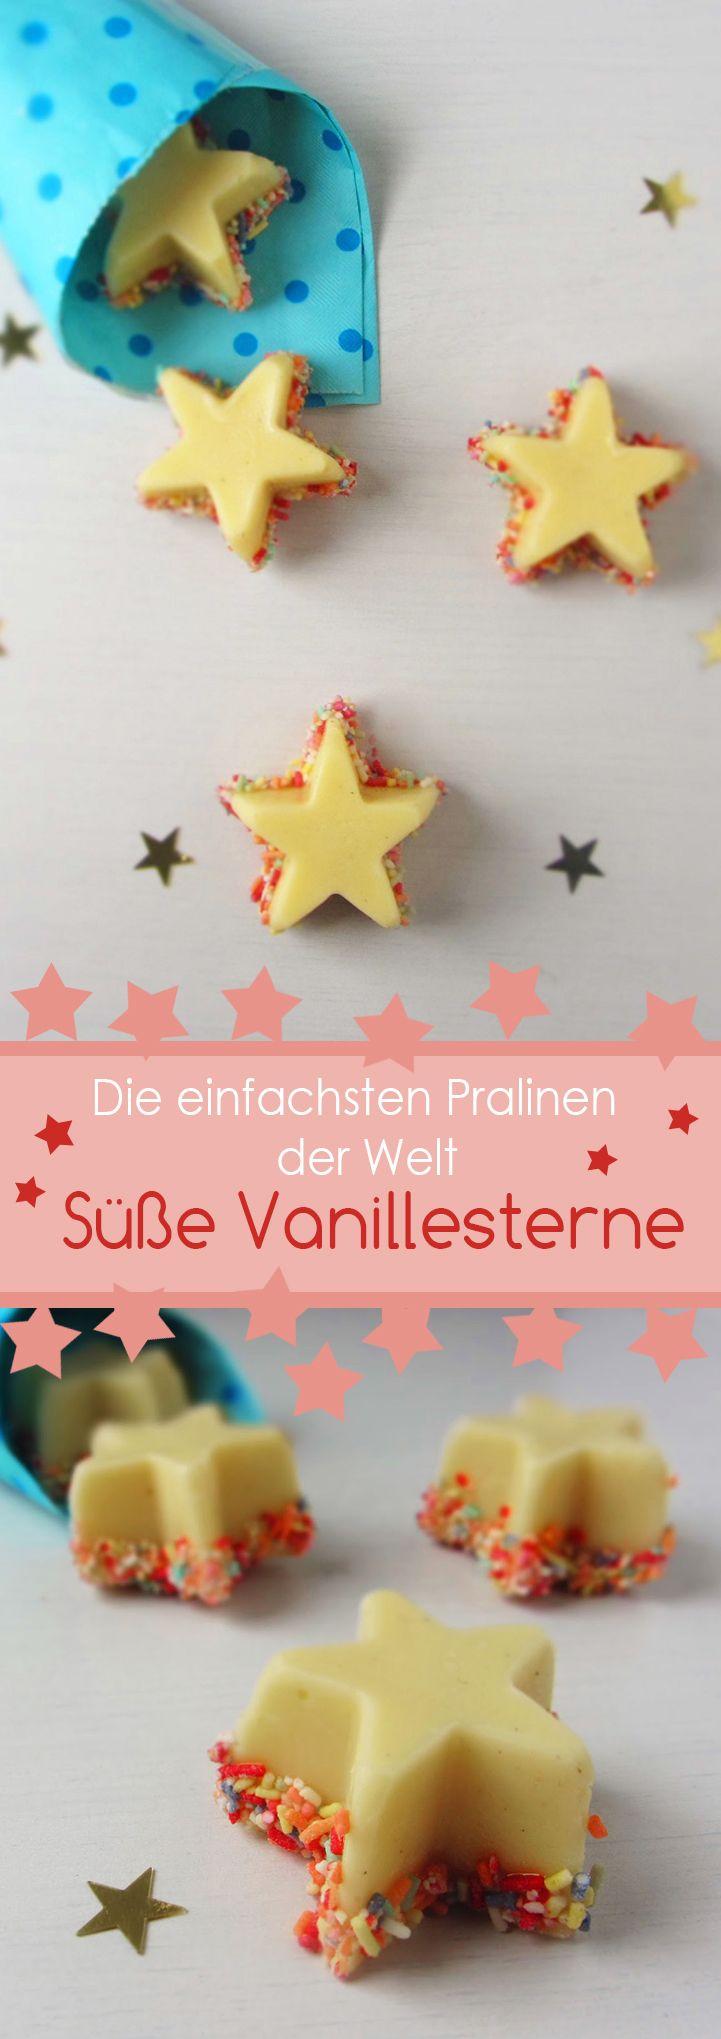 Die einfachsten Pralinen der Welt: Vanillesterne /// Easy vanille ...